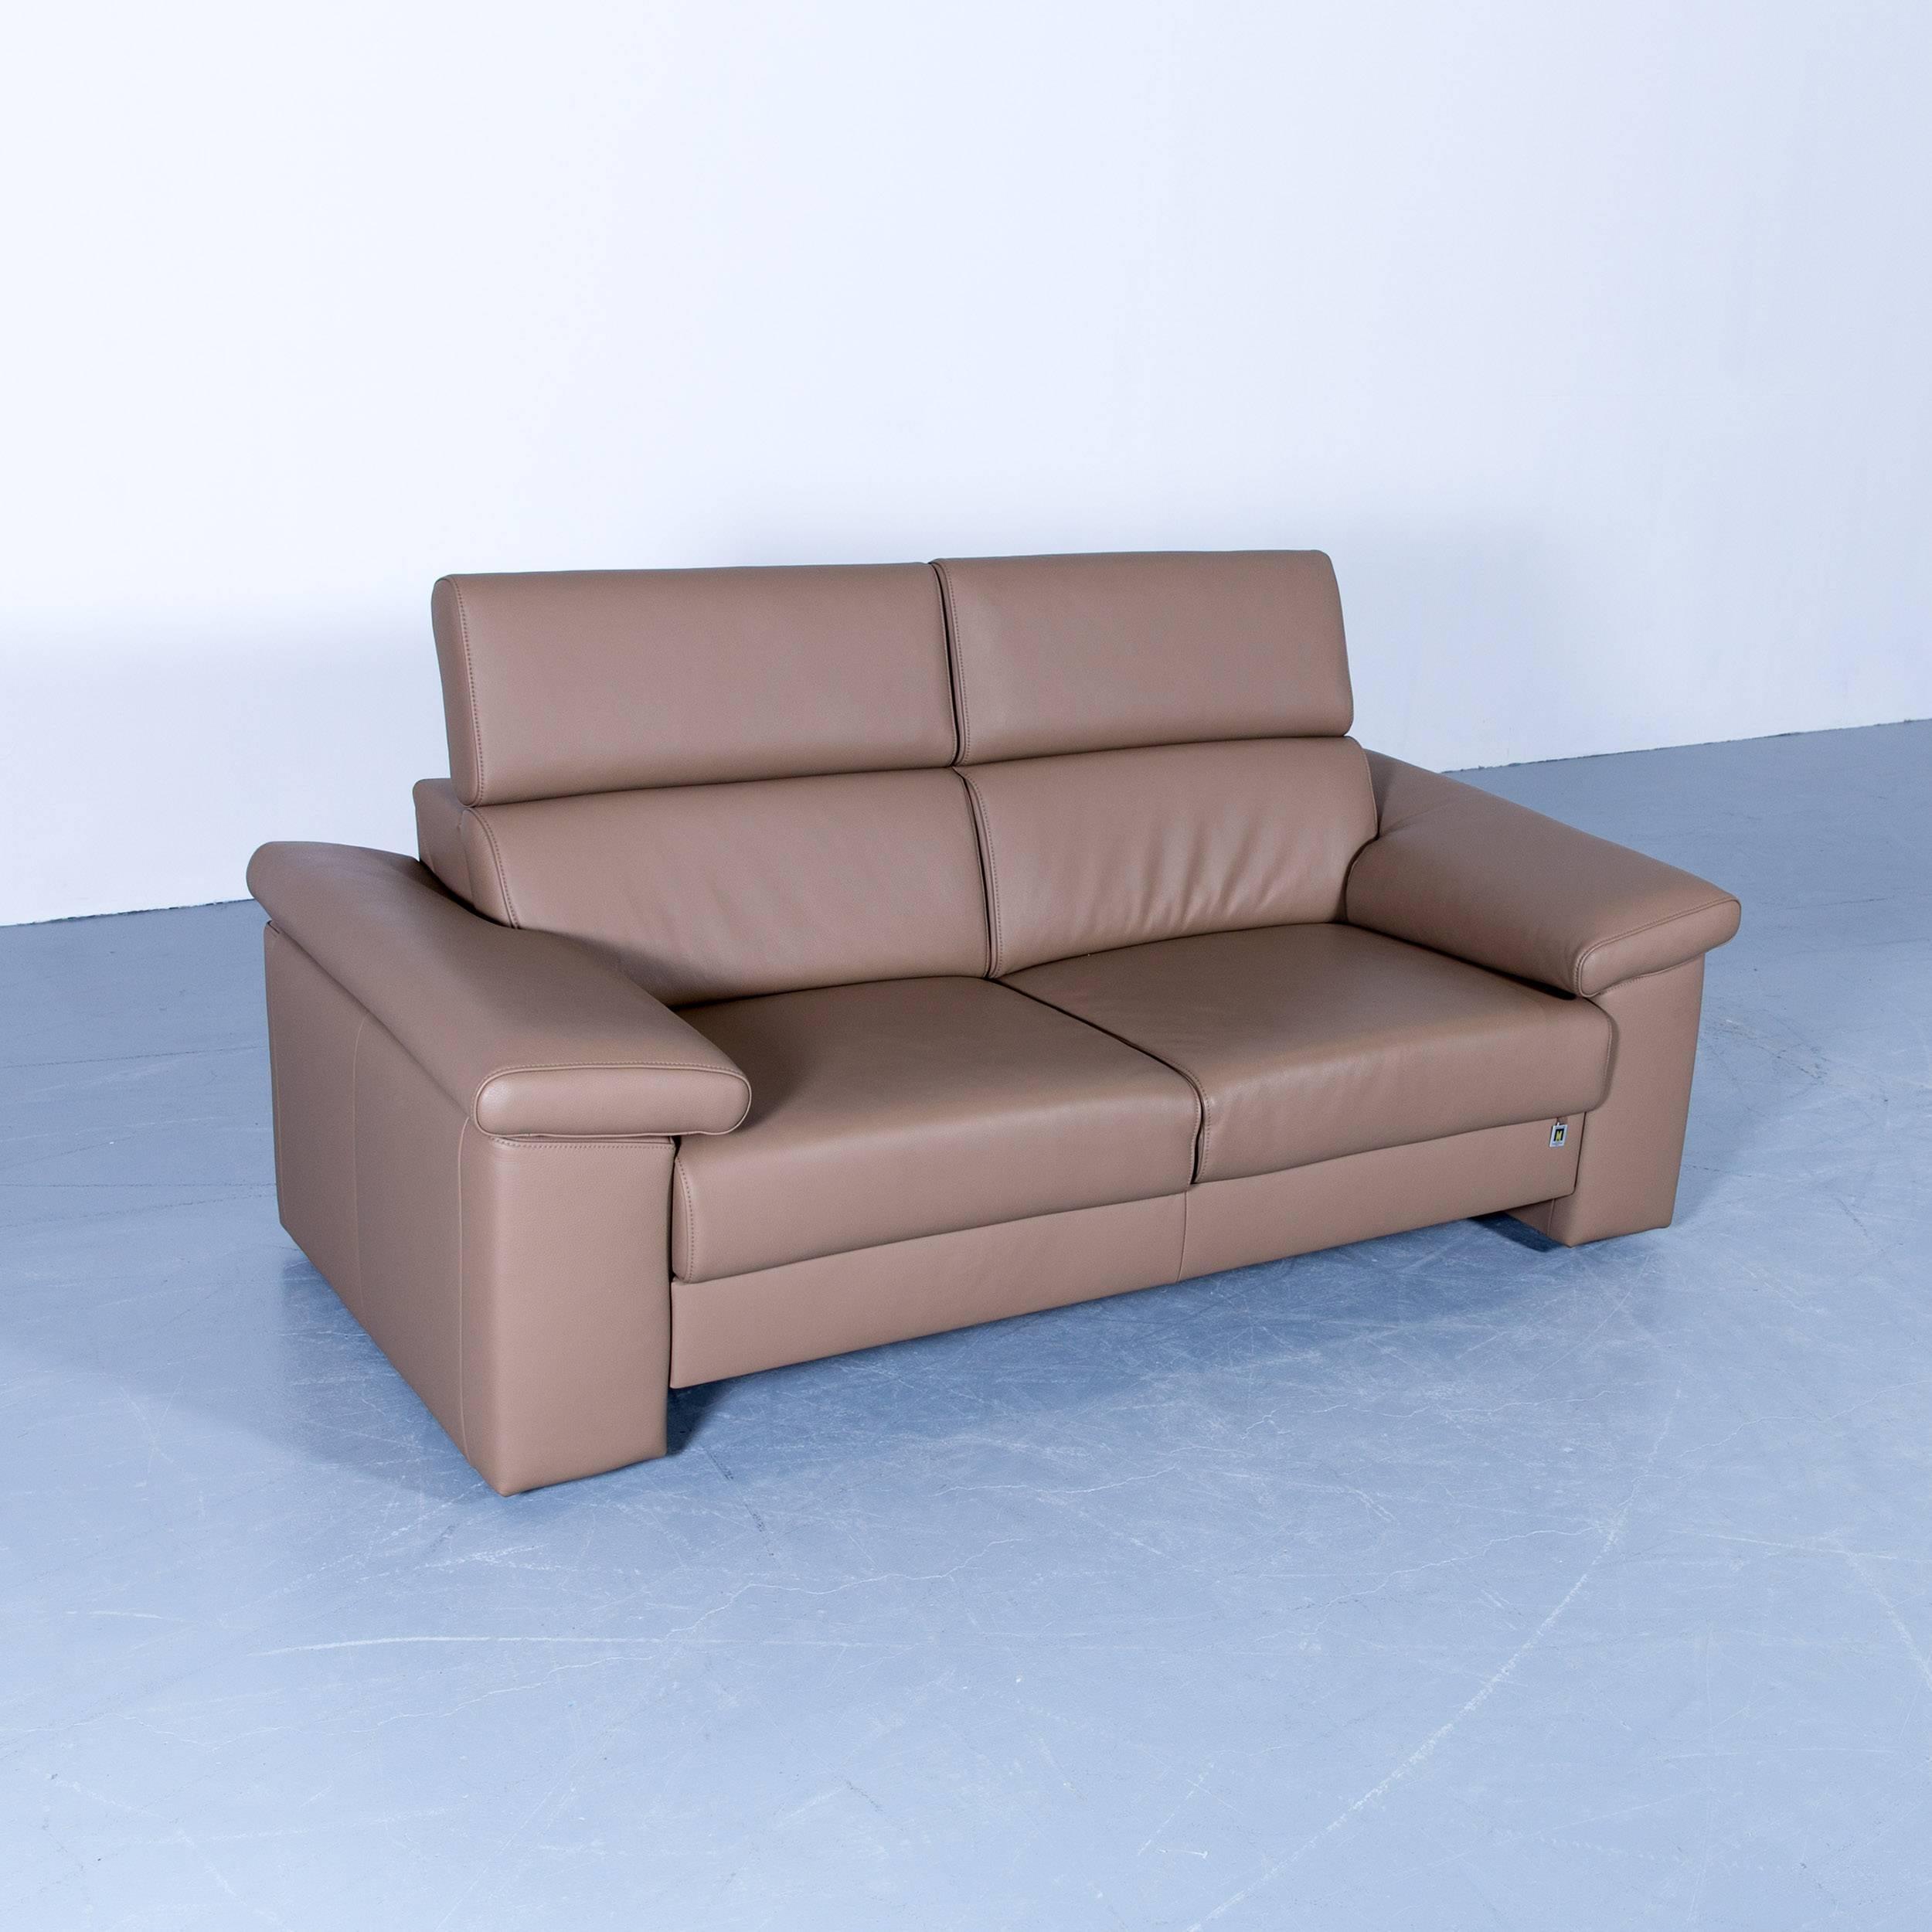 ledersofa braun gebraucht kaufen. Black Bedroom Furniture Sets. Home Design Ideas